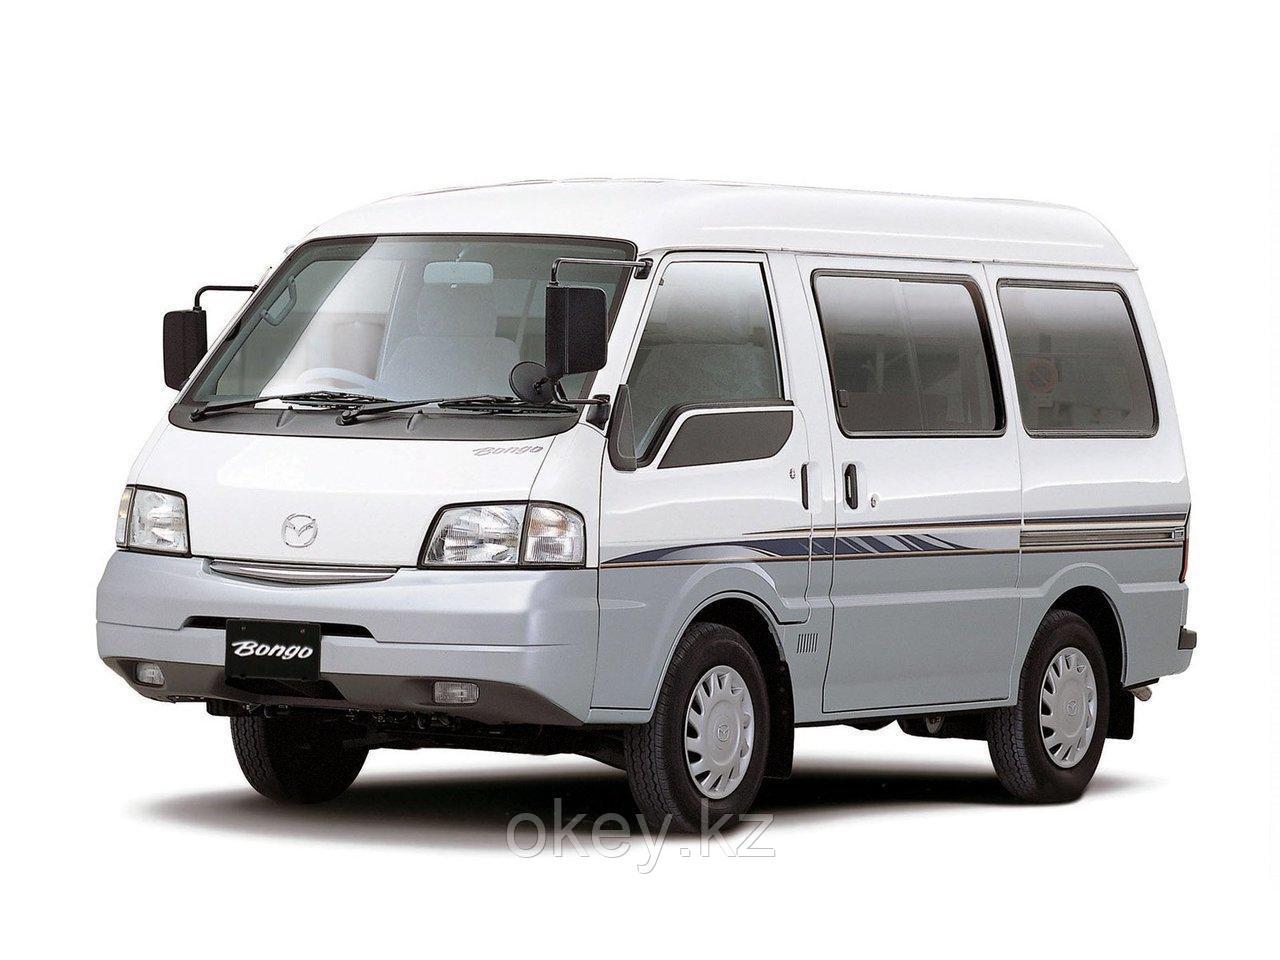 Тормозные колодки Kötl 3246KT для Mazda Bongo фургон (SR2) E2000 (FE (8V)), 1994-2003 года выпуска.